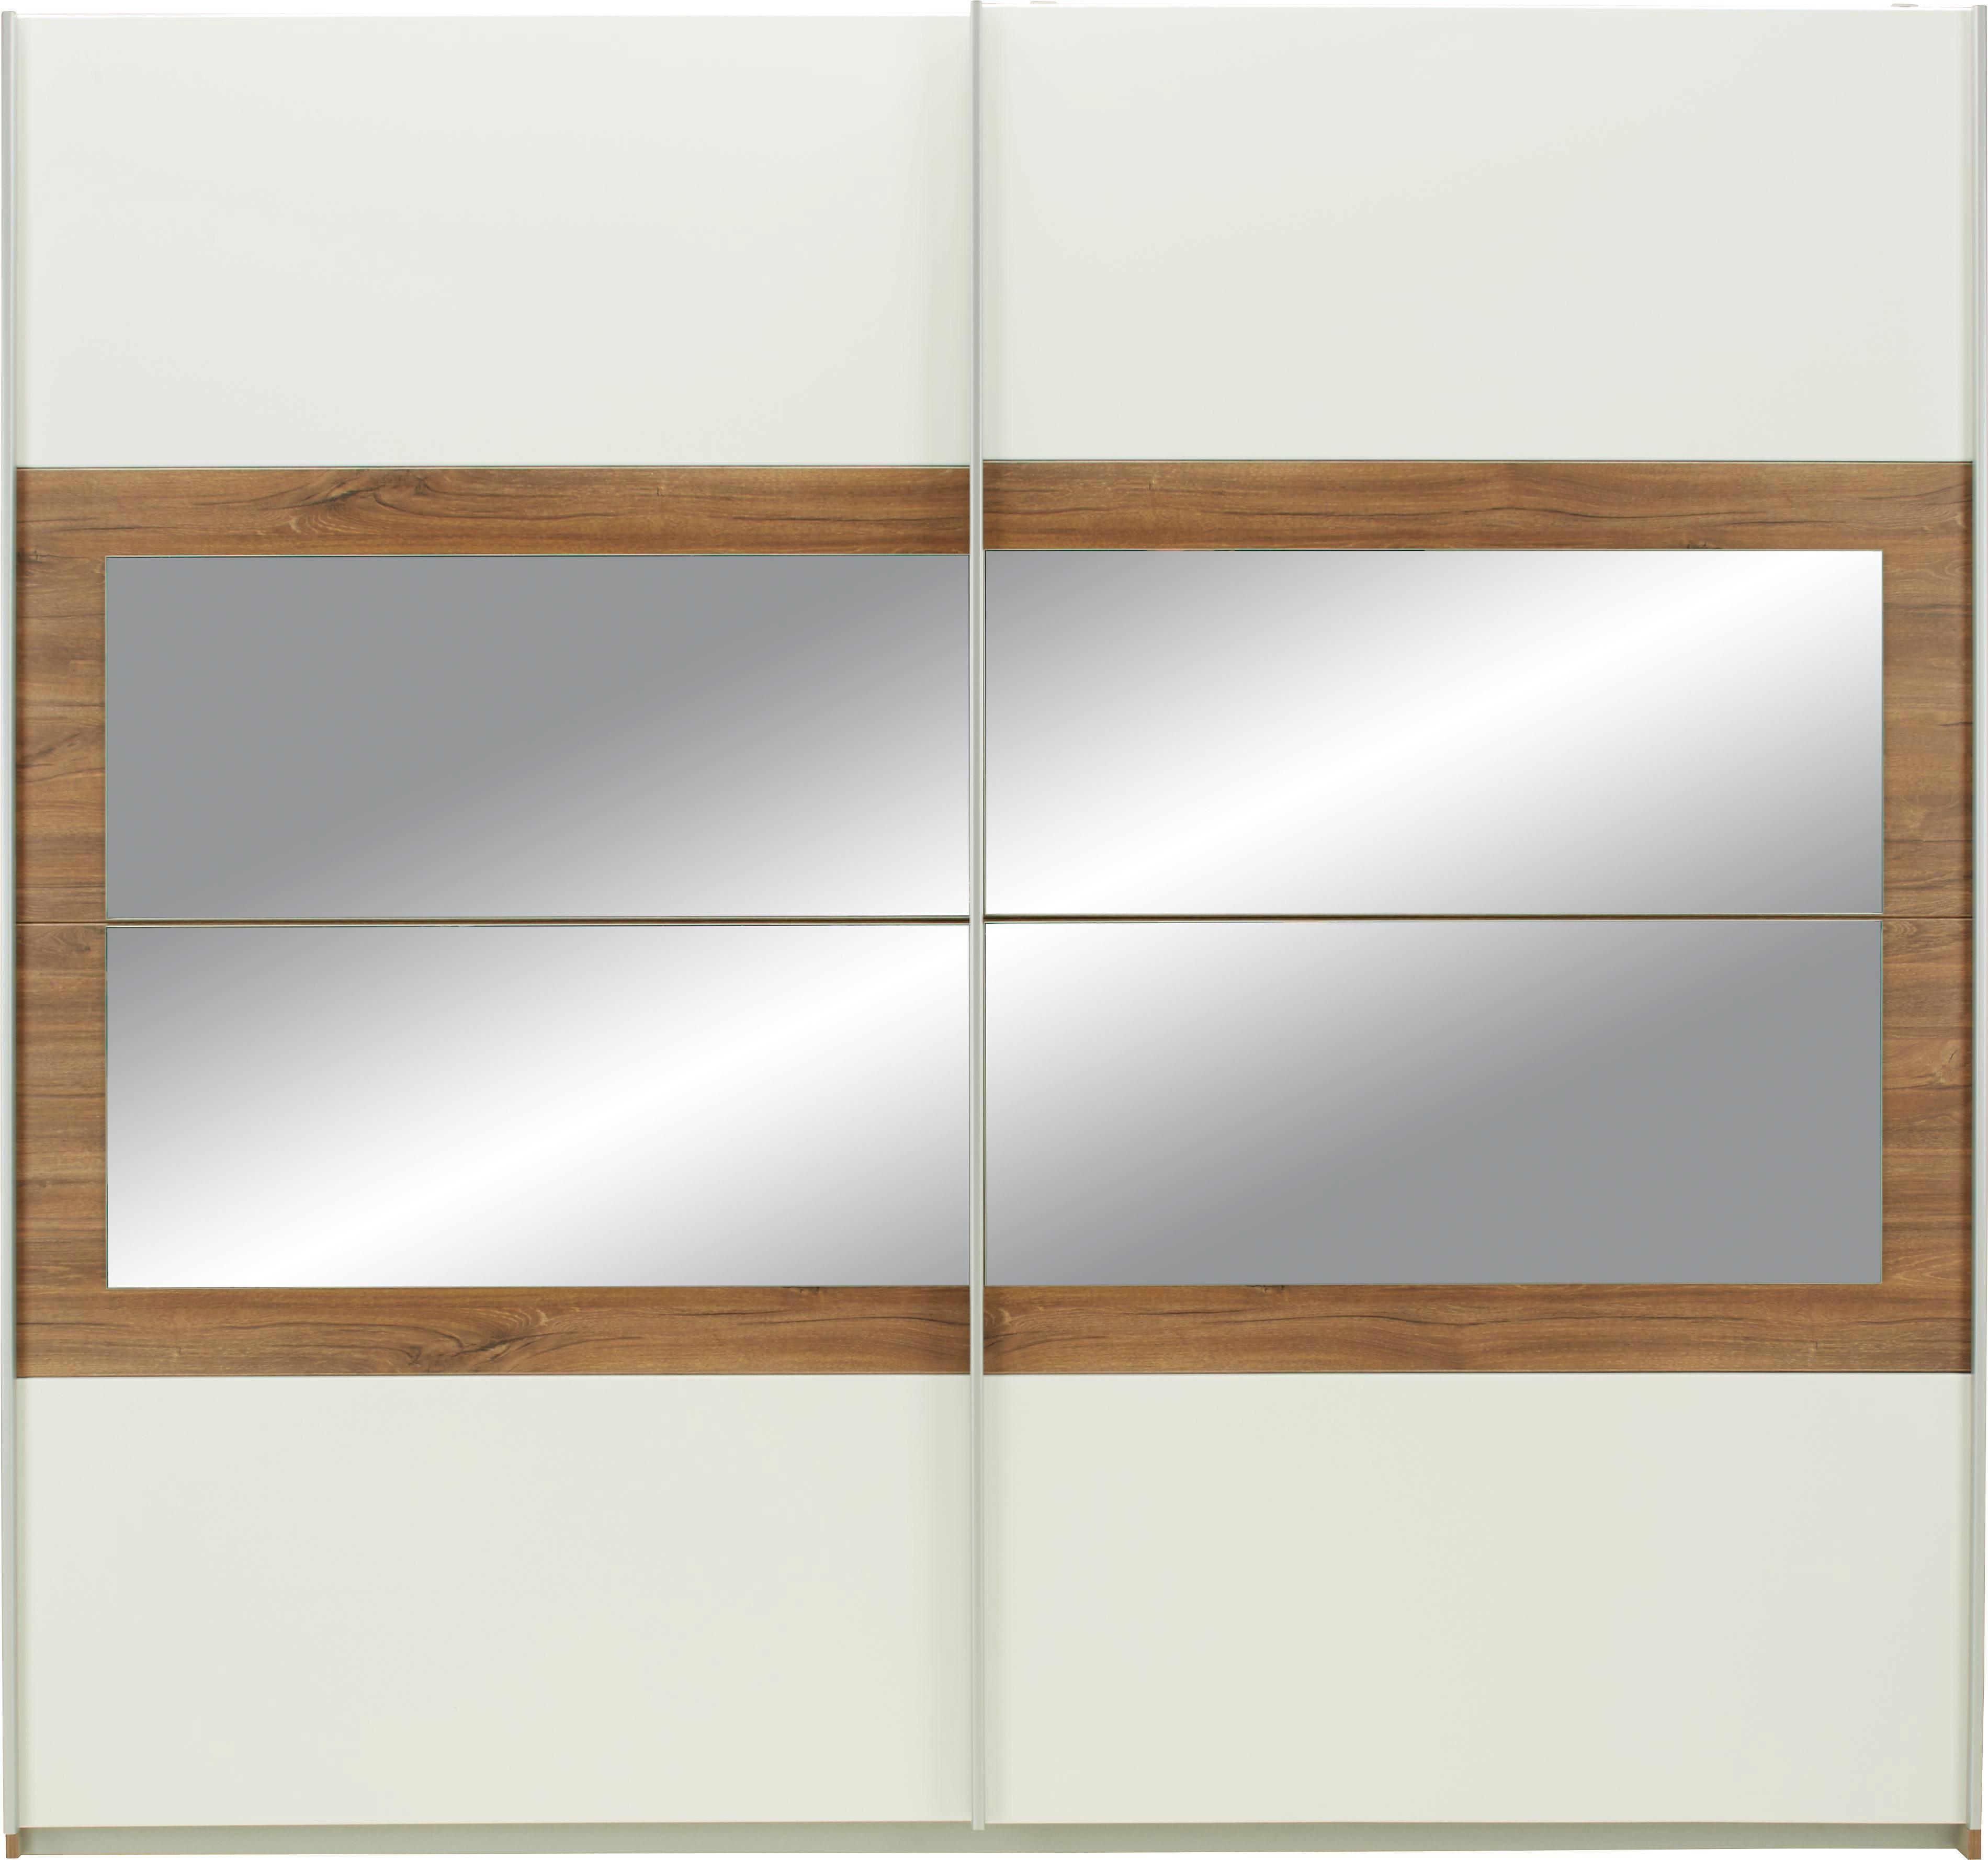 Tolóajtós Szekrény Venlo Kétajtós Alpesi Fehér - konvencionális, faanyagok (226/210/62cm) - BASED